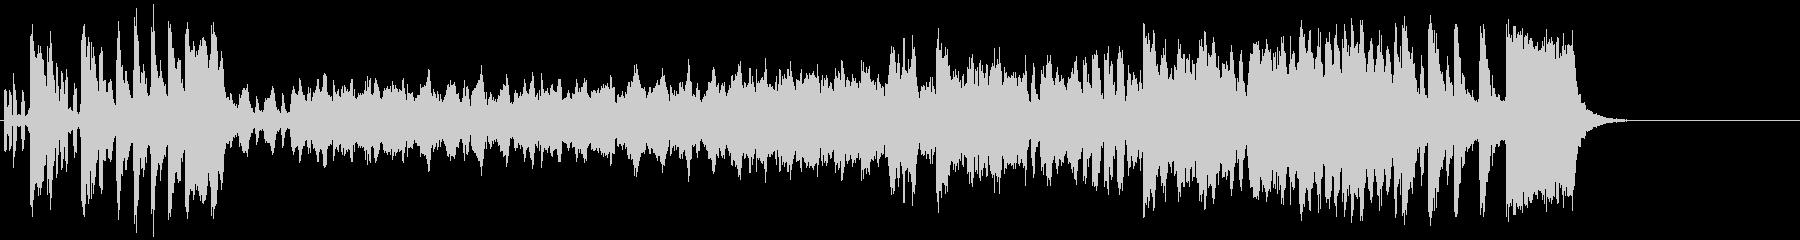 ウインナ・ワルツ風クラシック楽曲の未再生の波形